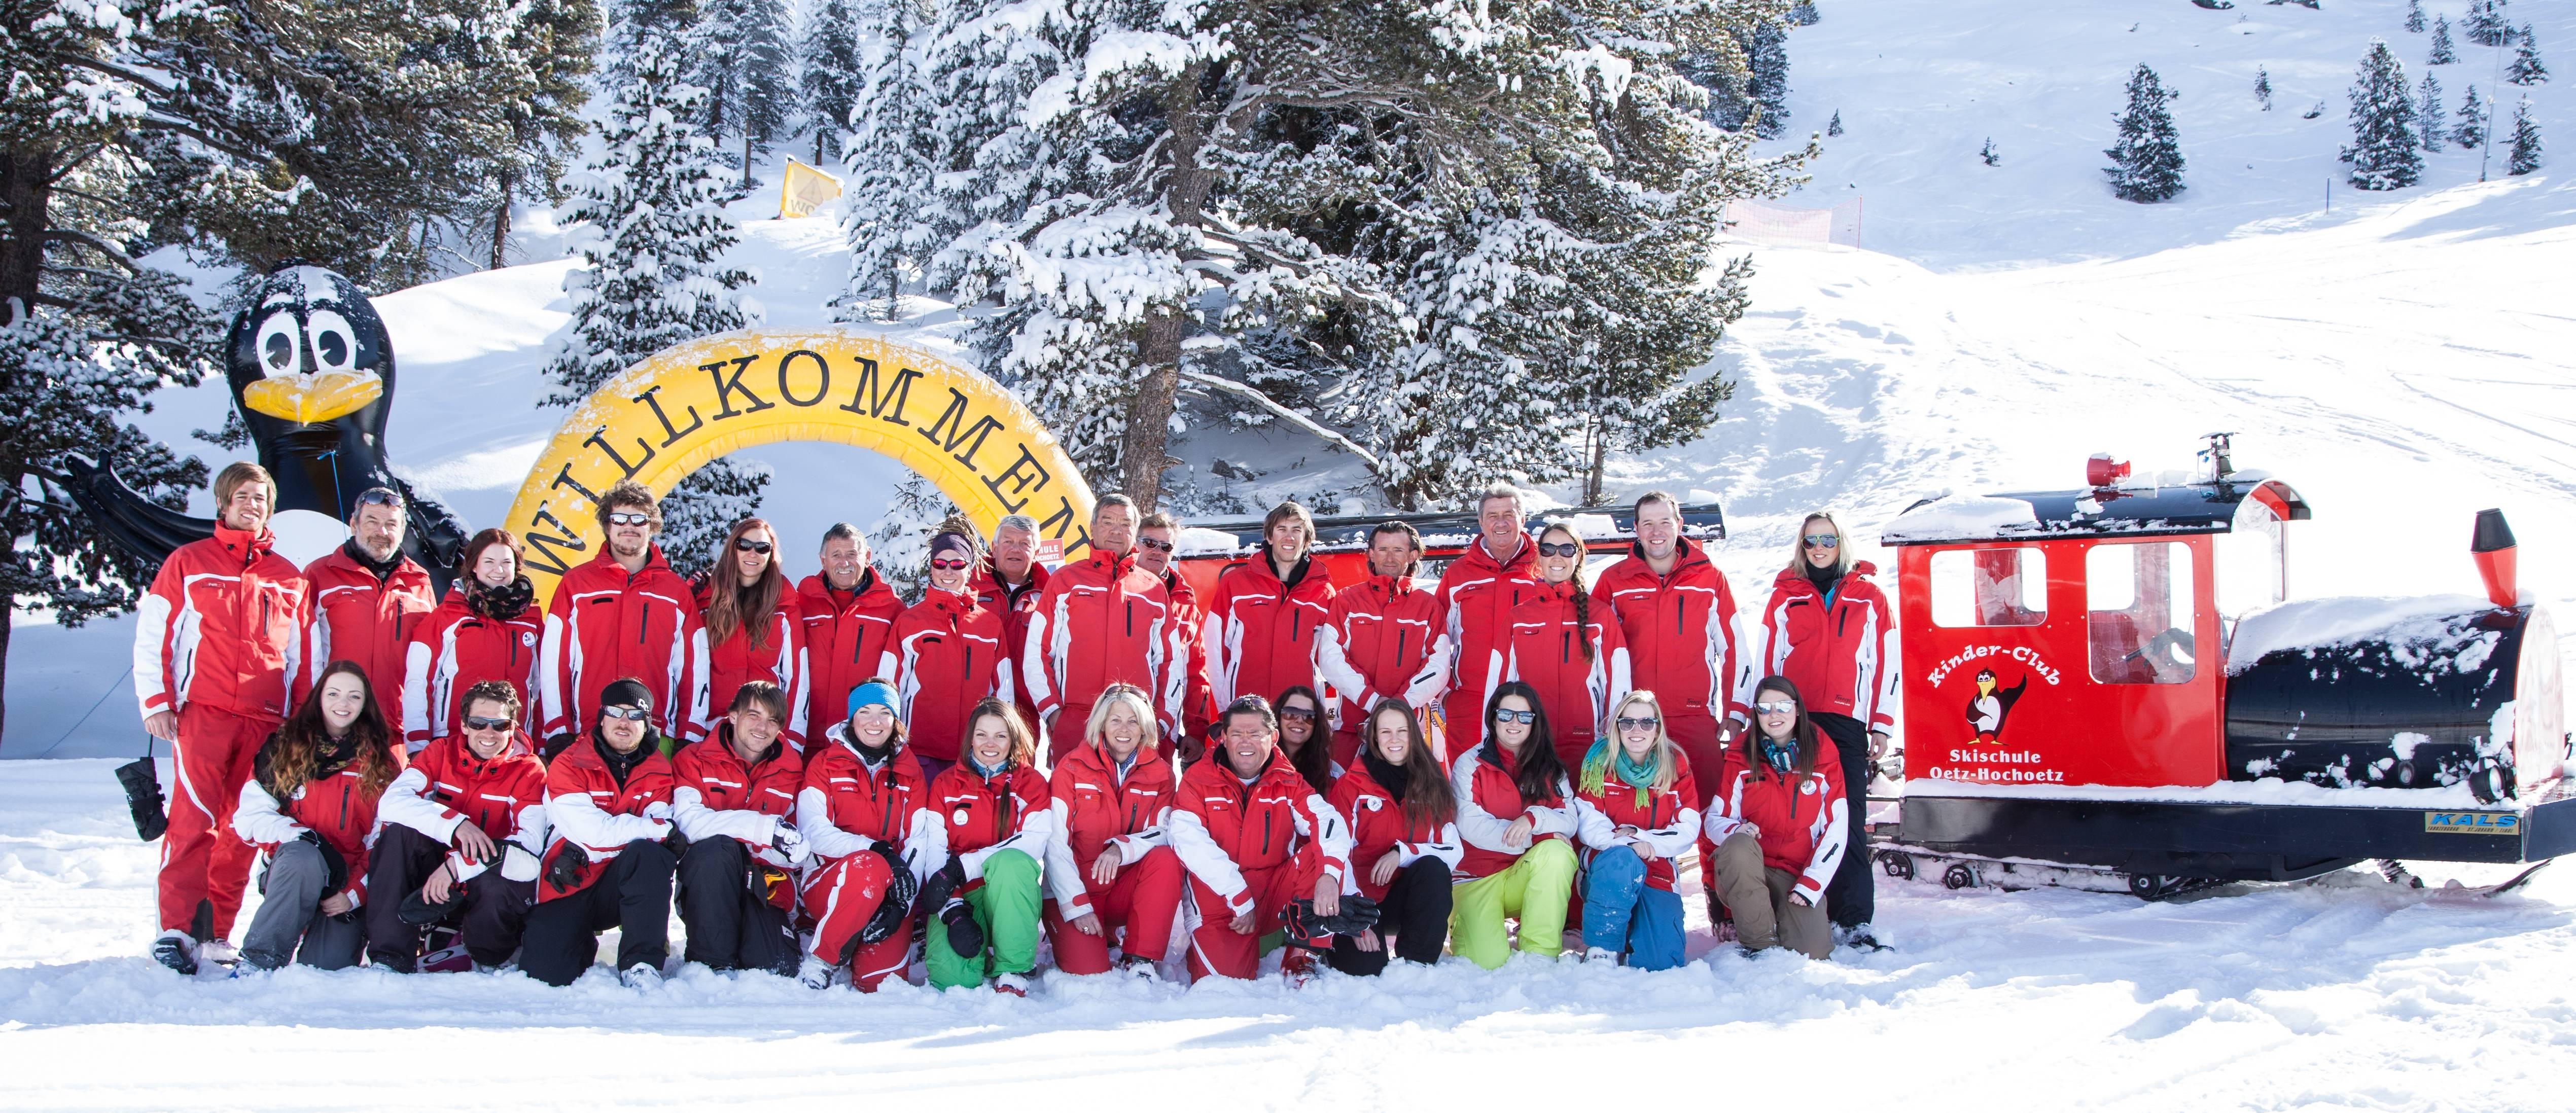 Kurse Innsbruck - Vallazza